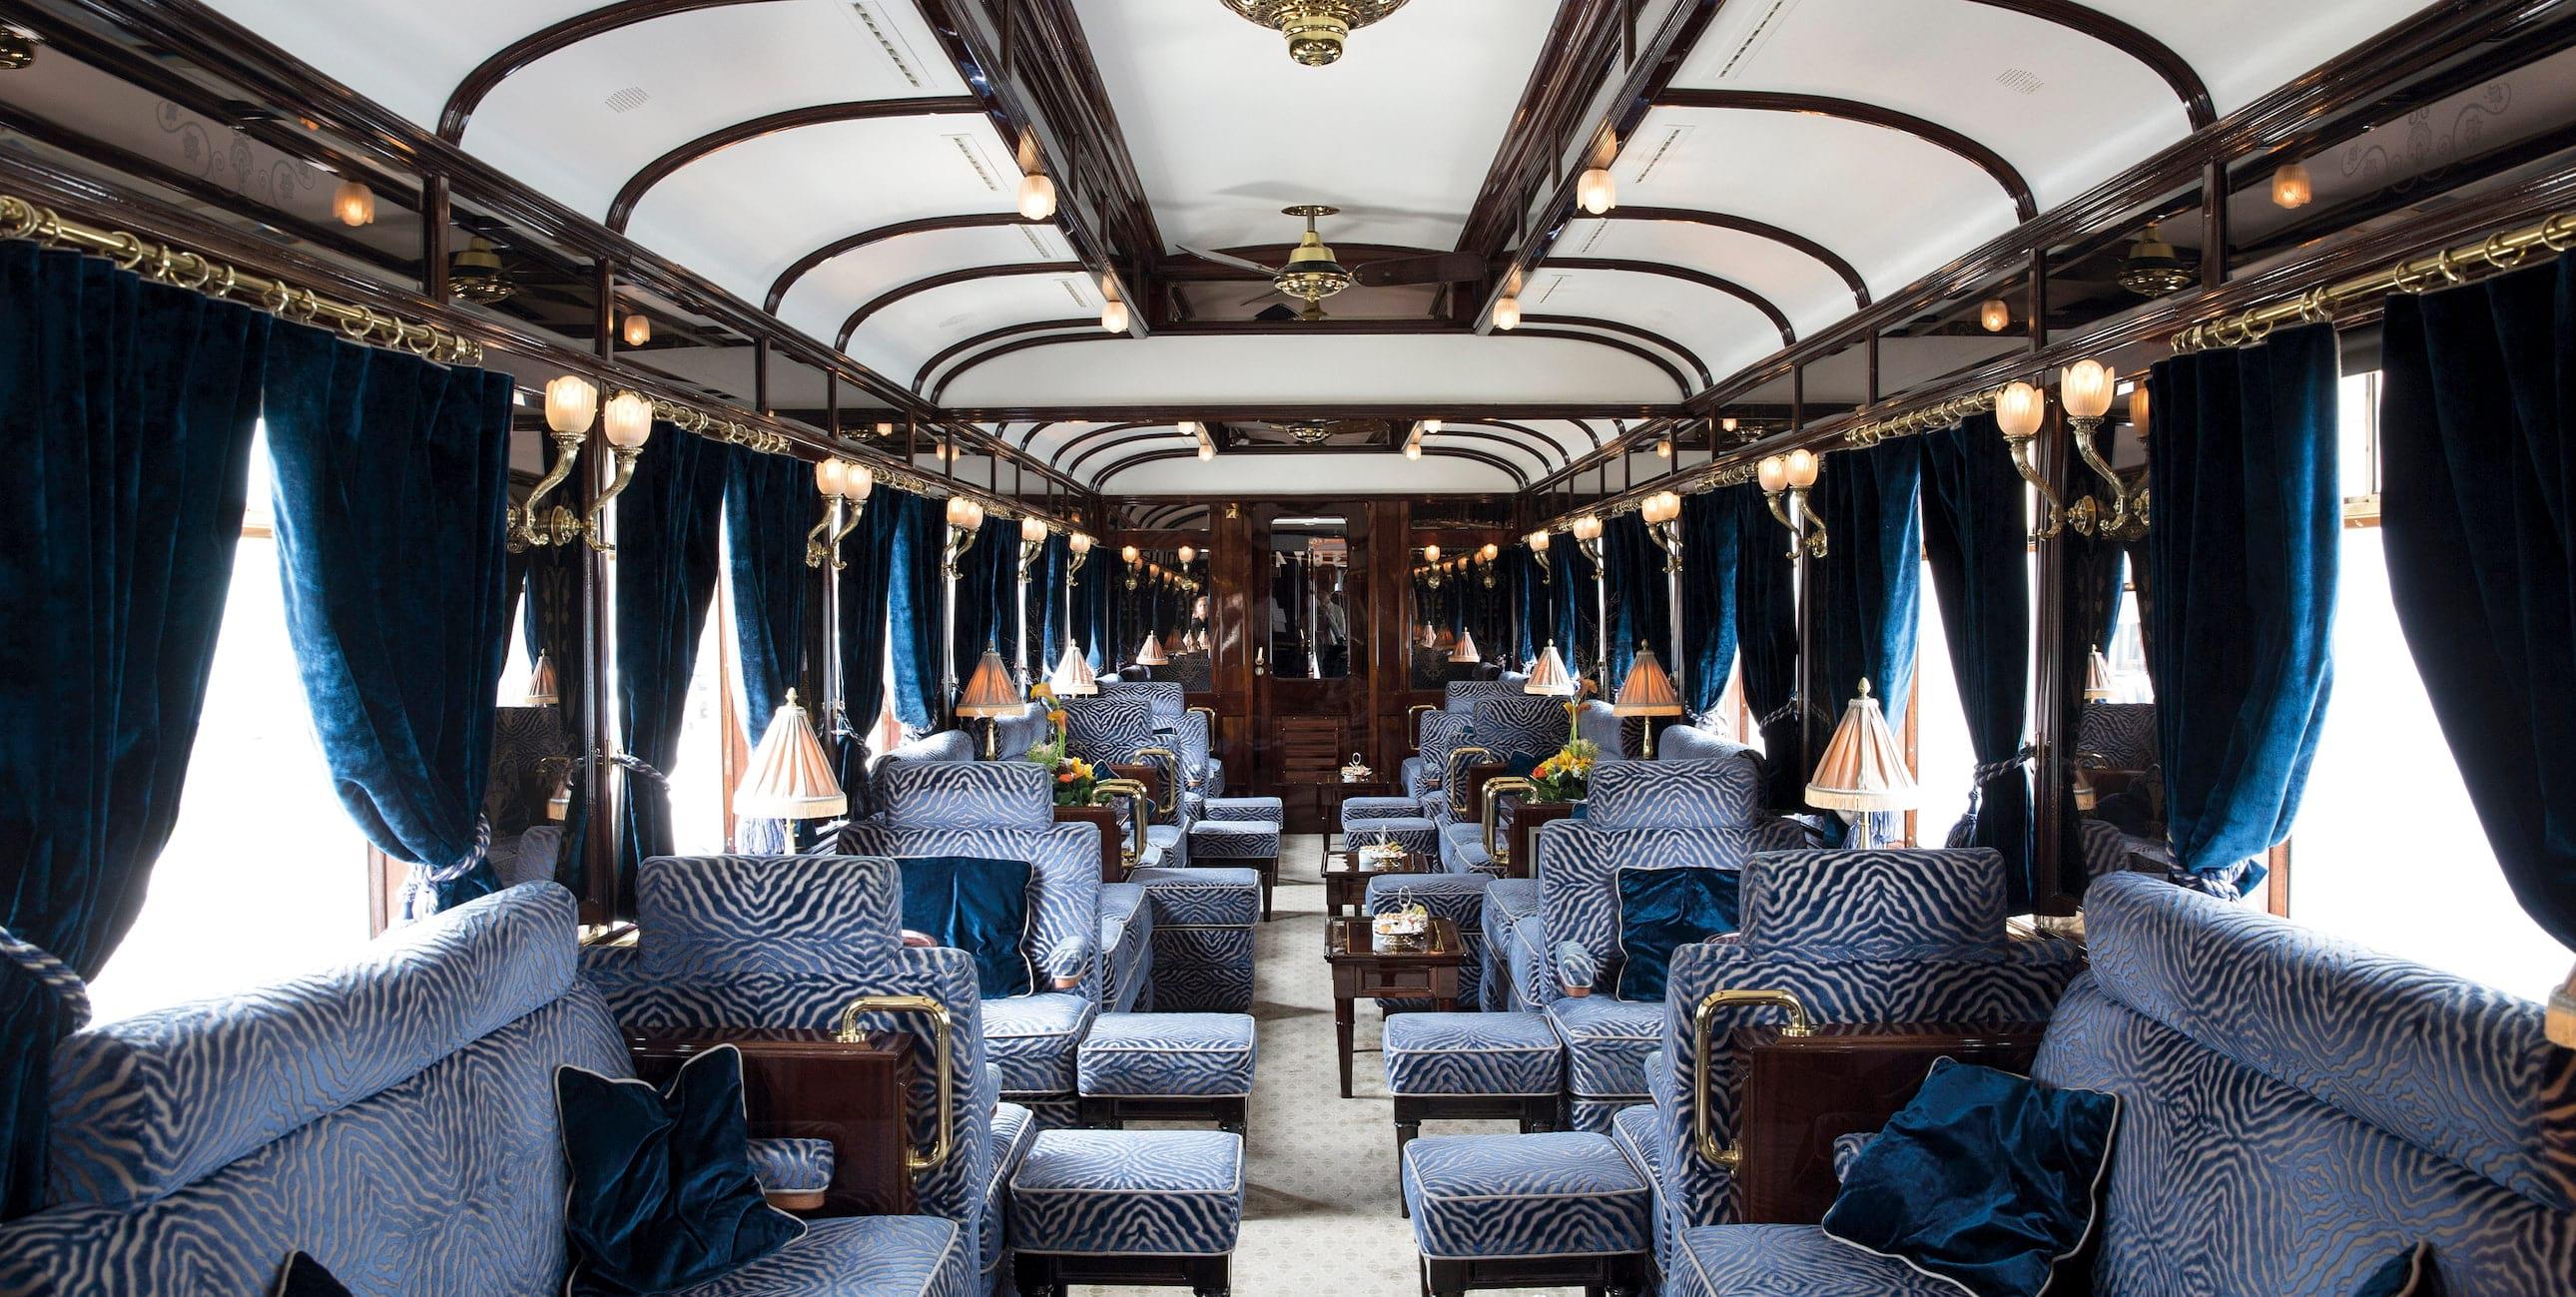 самые роскошные поезда мираThe Venice Simplon Orient-Express